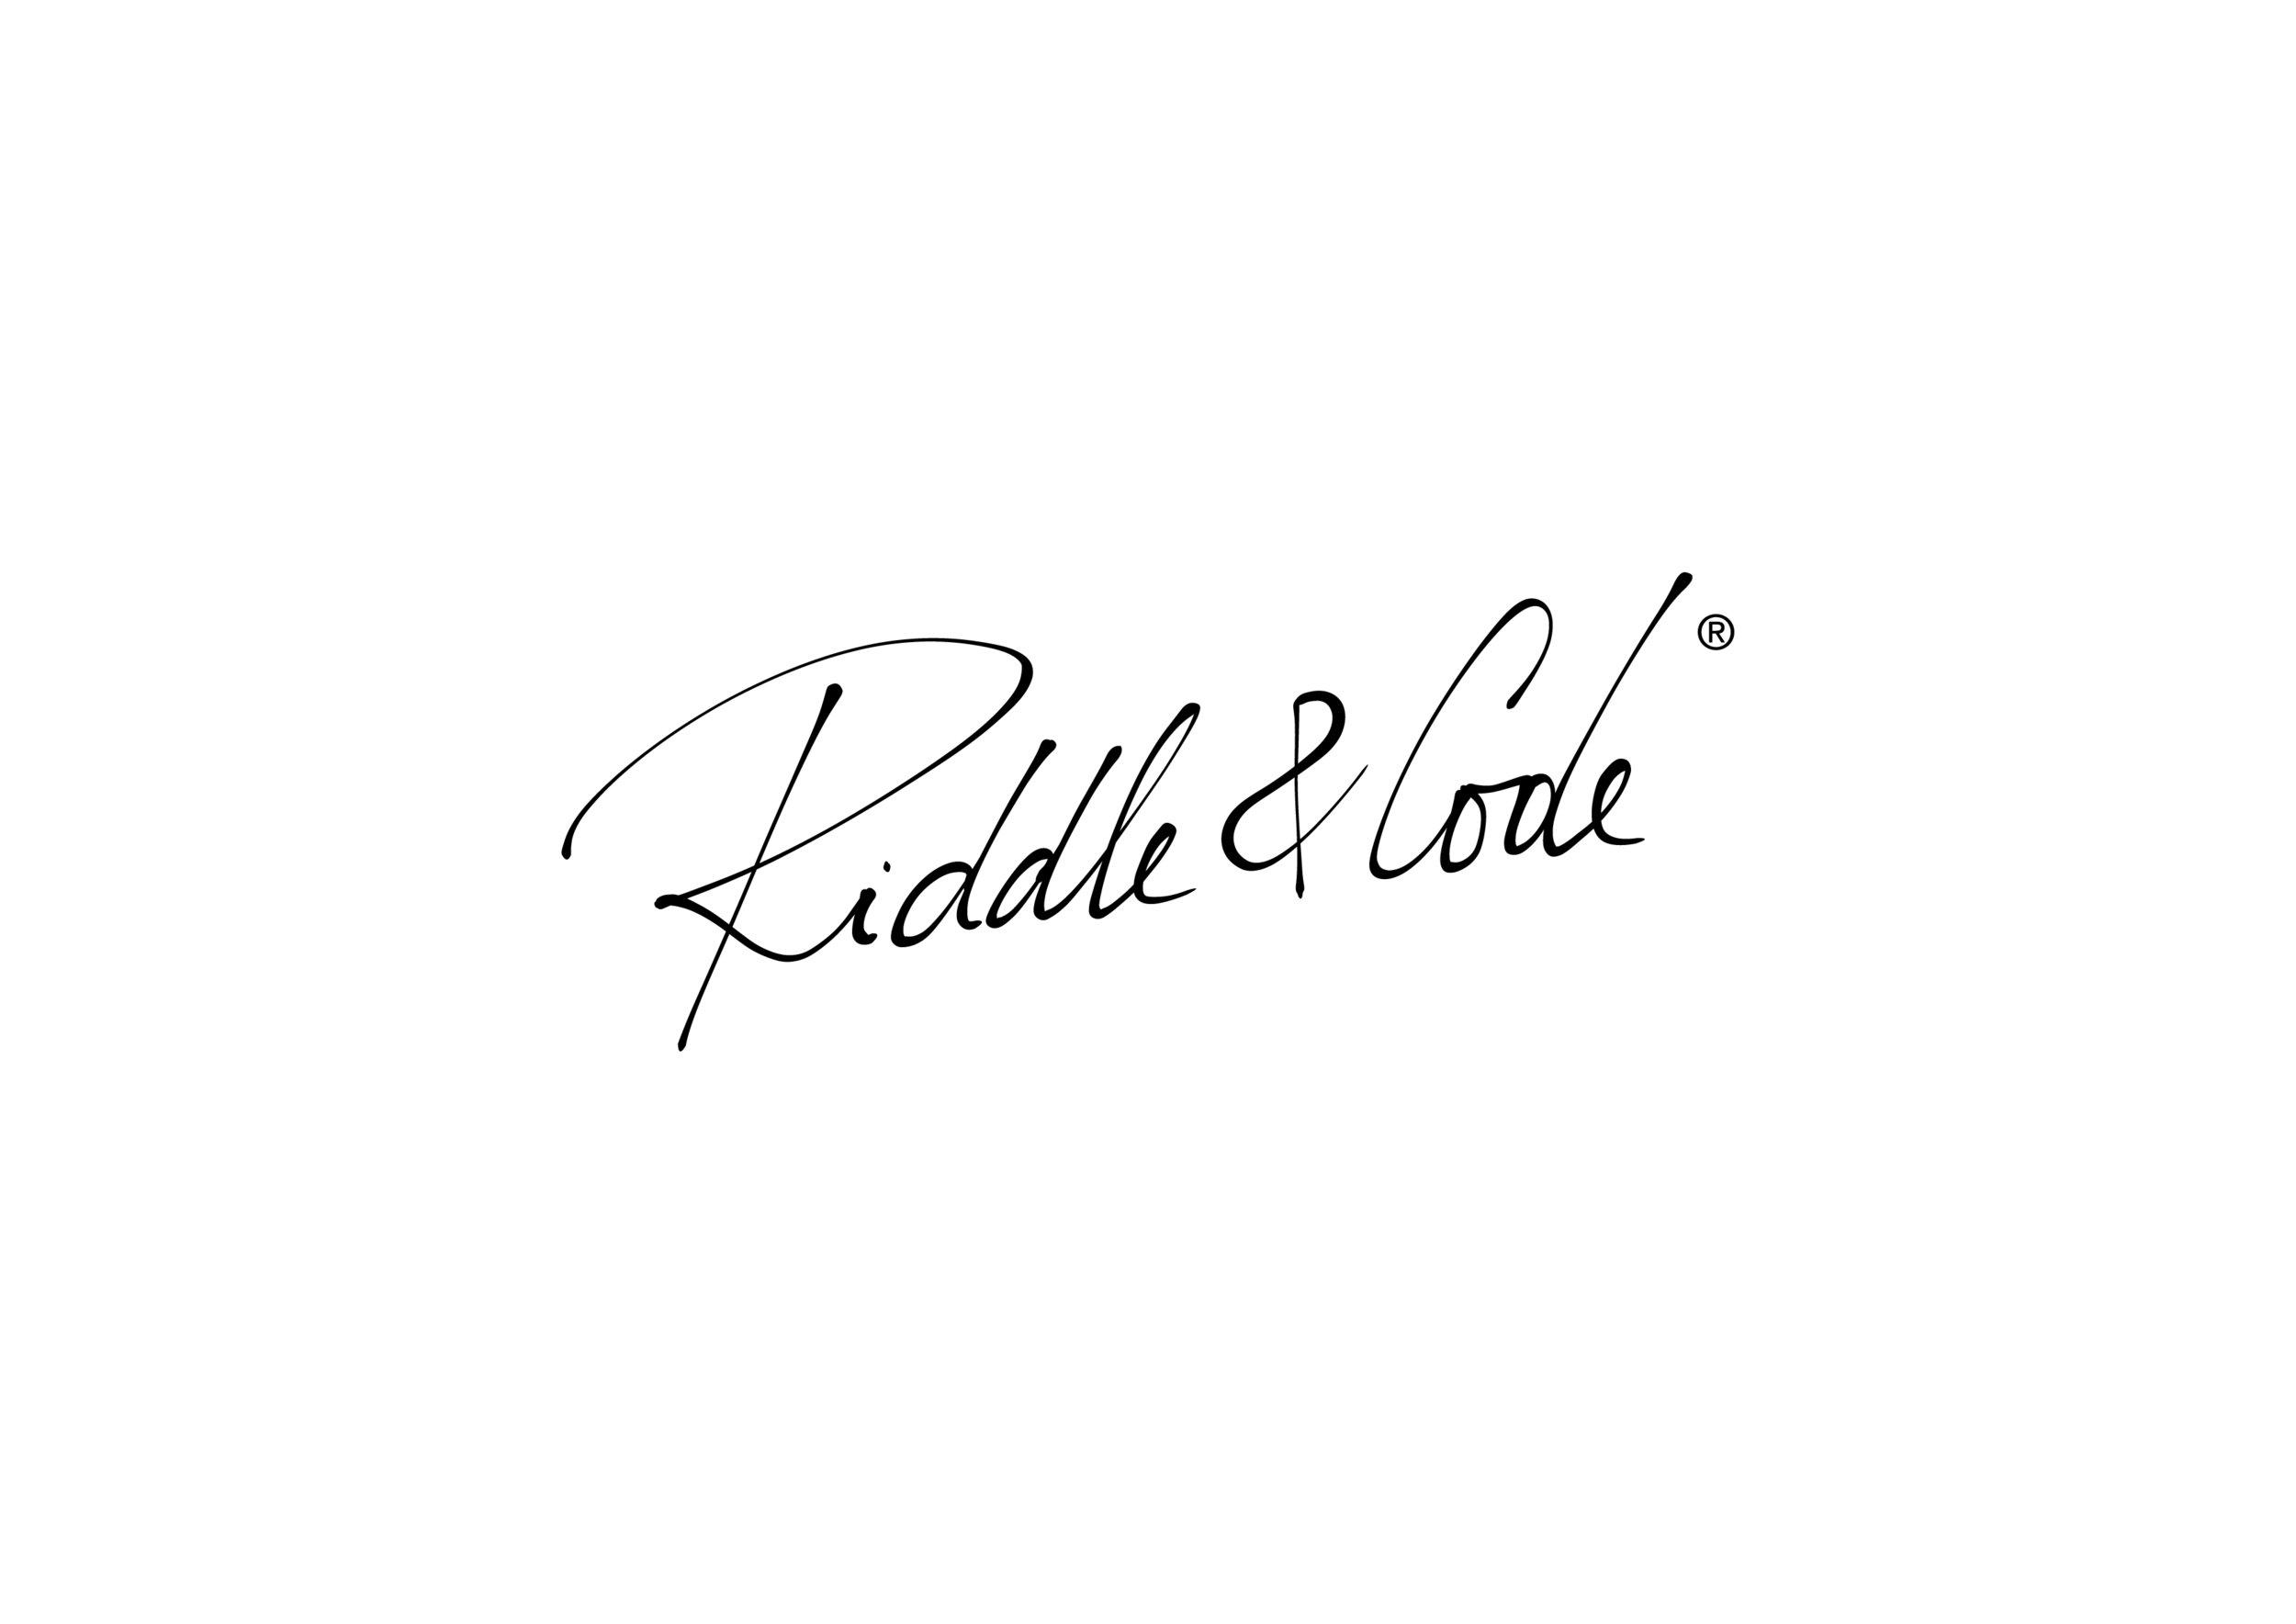 RIDDLE&CODE_MAINLOGO_POS.jpg